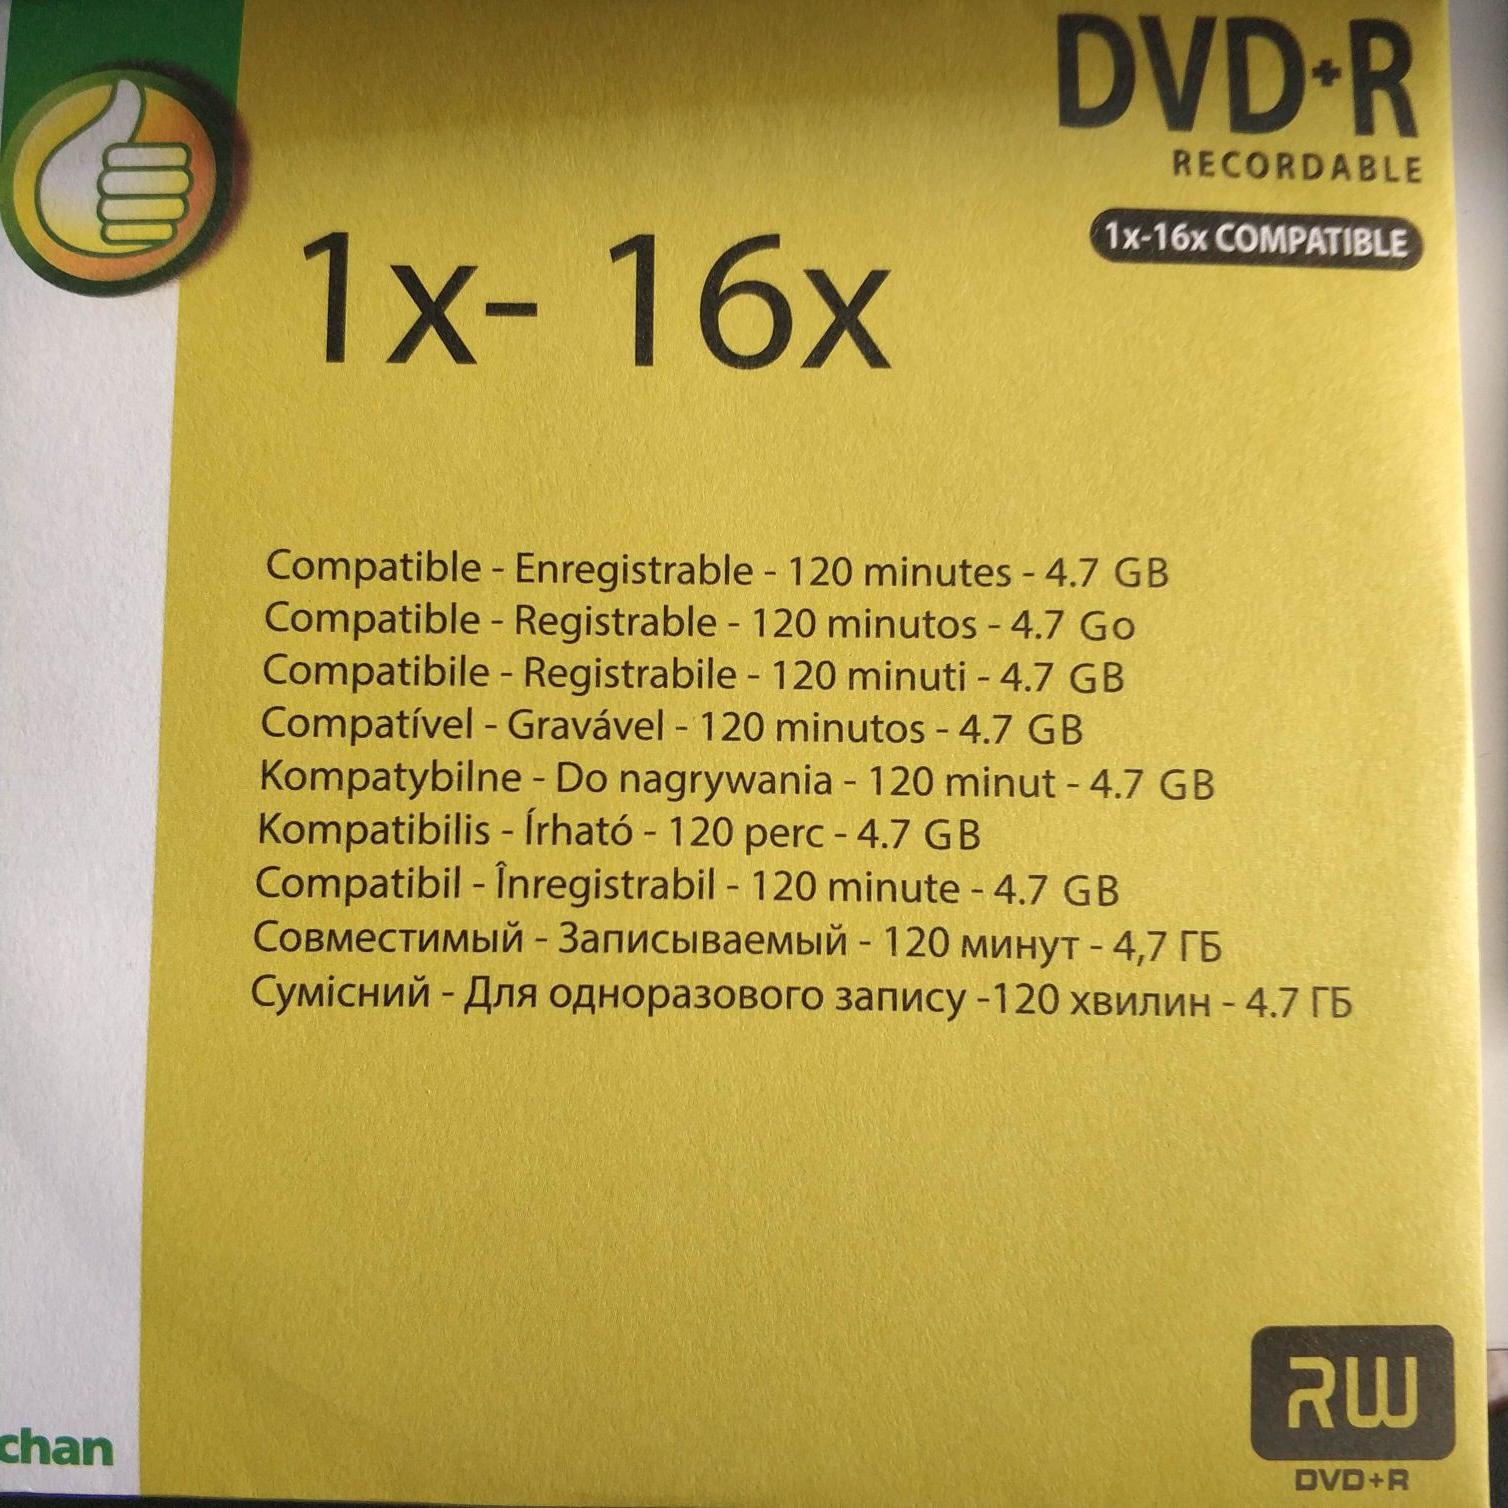 Płyta DVD +R 1-16x DVD RW auchan